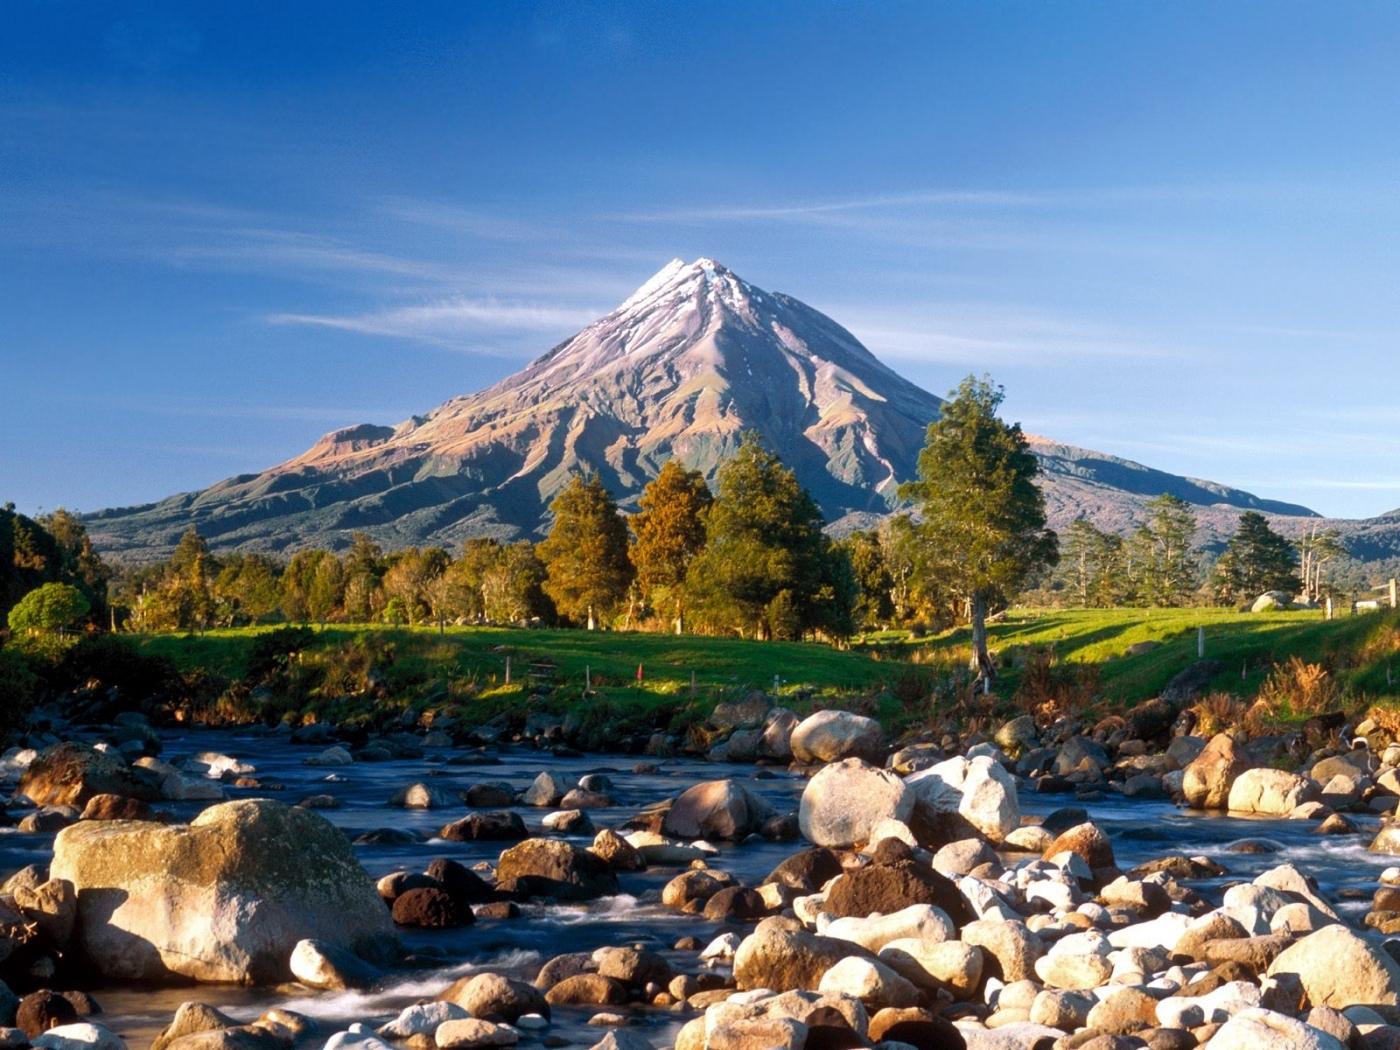 24598 скачать обои Пейзаж, Река, Камни, Горы - заставки и картинки бесплатно